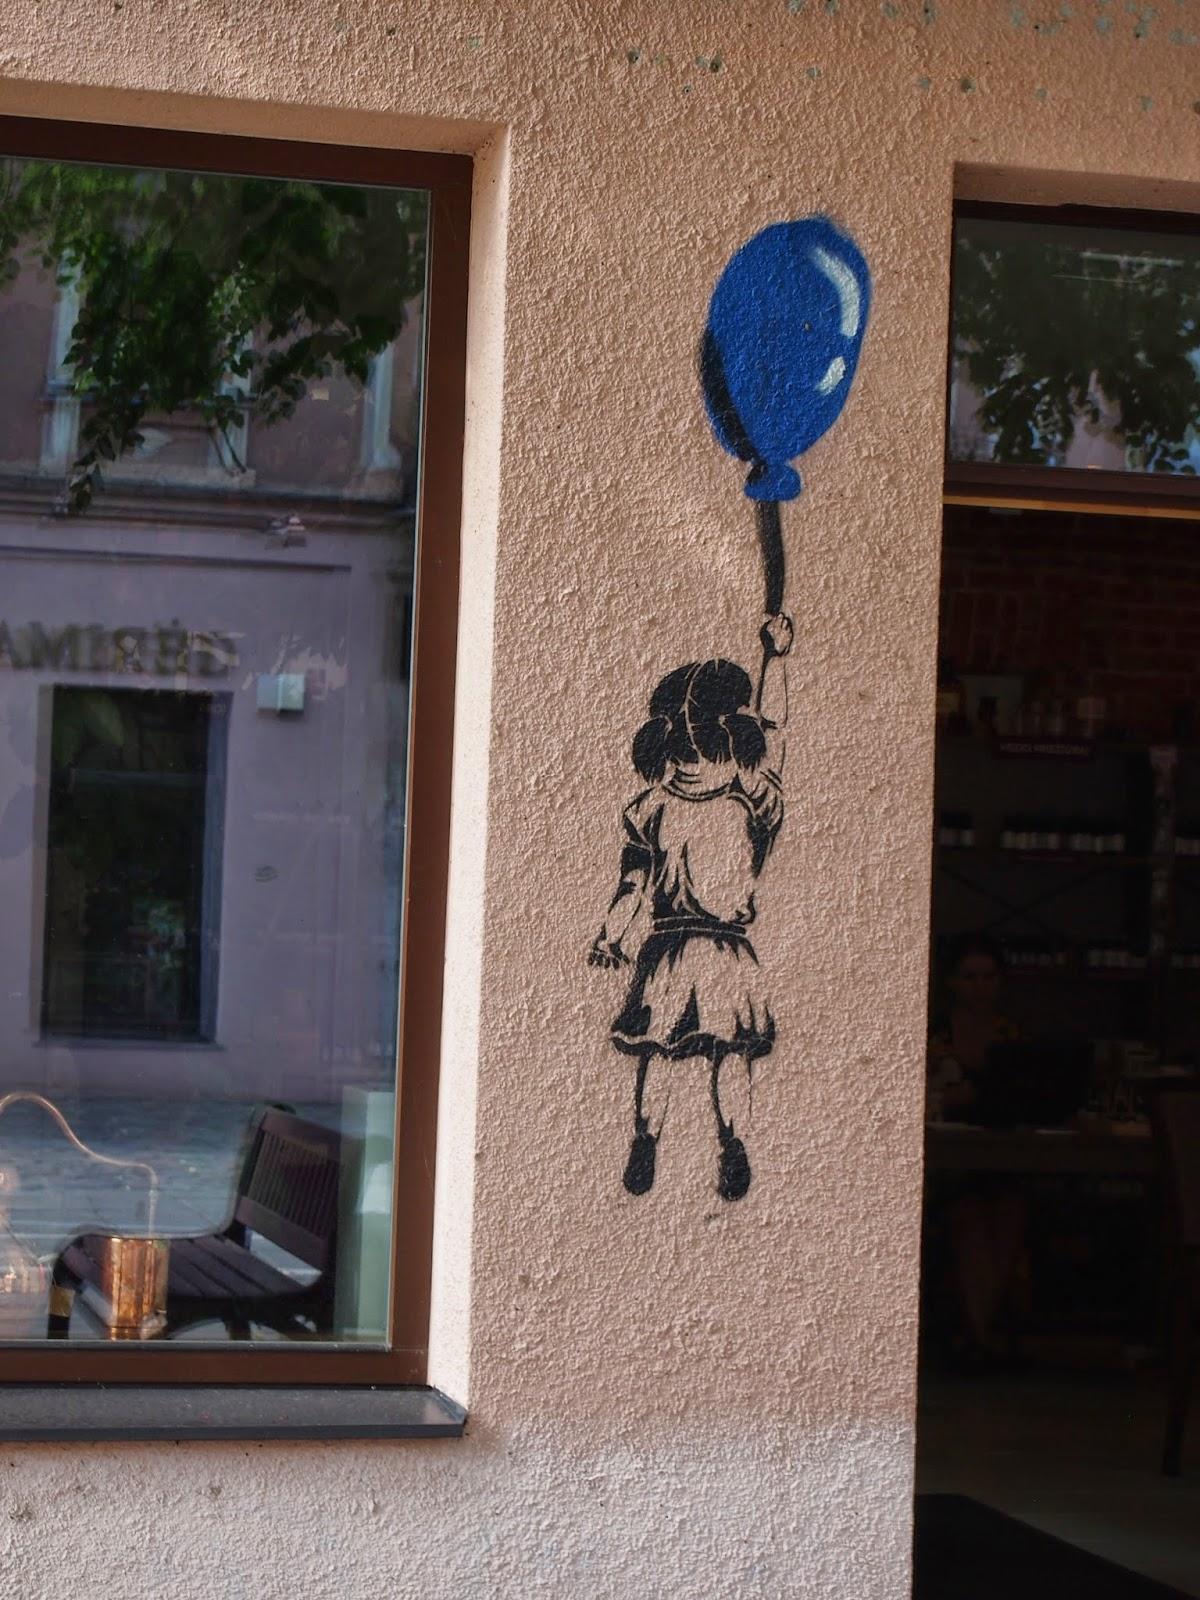 street art of a little girl holding a blue balloon